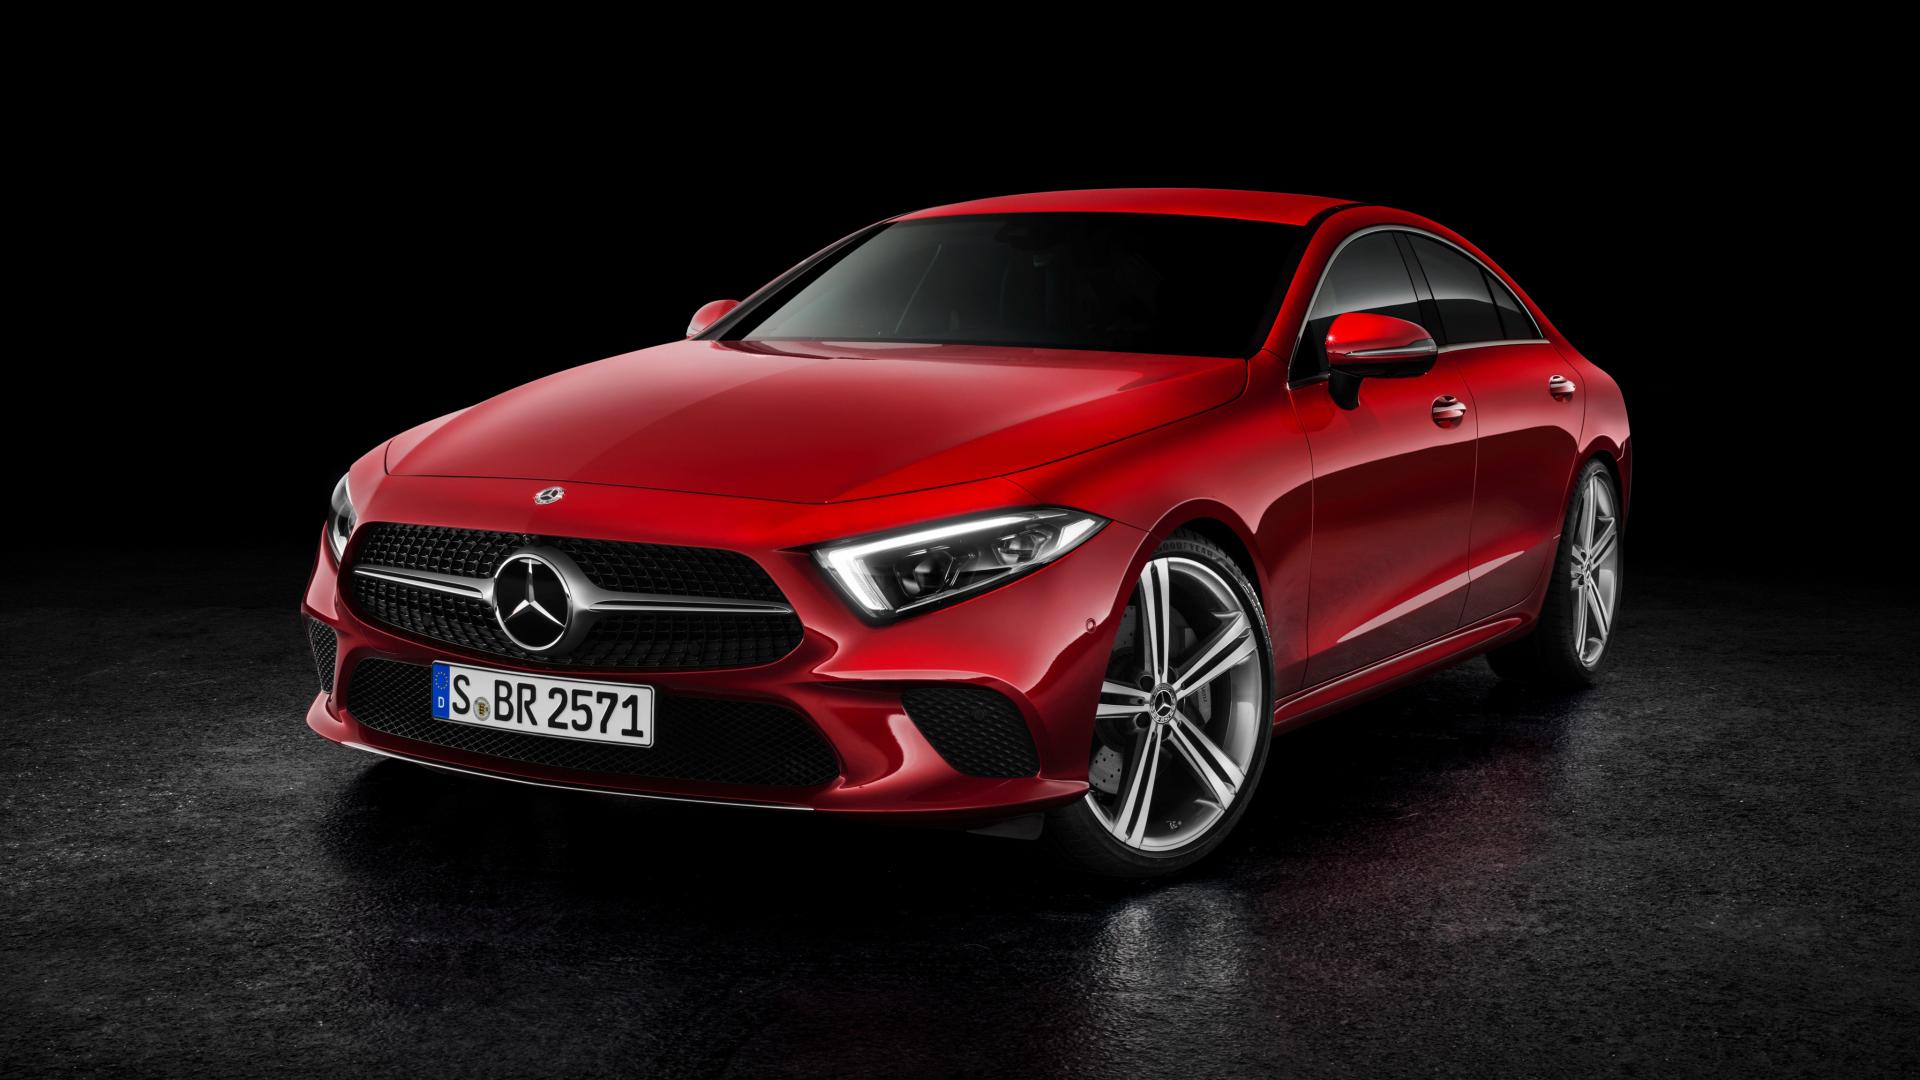 Download 1920x1080 Wallpaper 2019 Mercedes Benz Cls 450 Red Car 4k